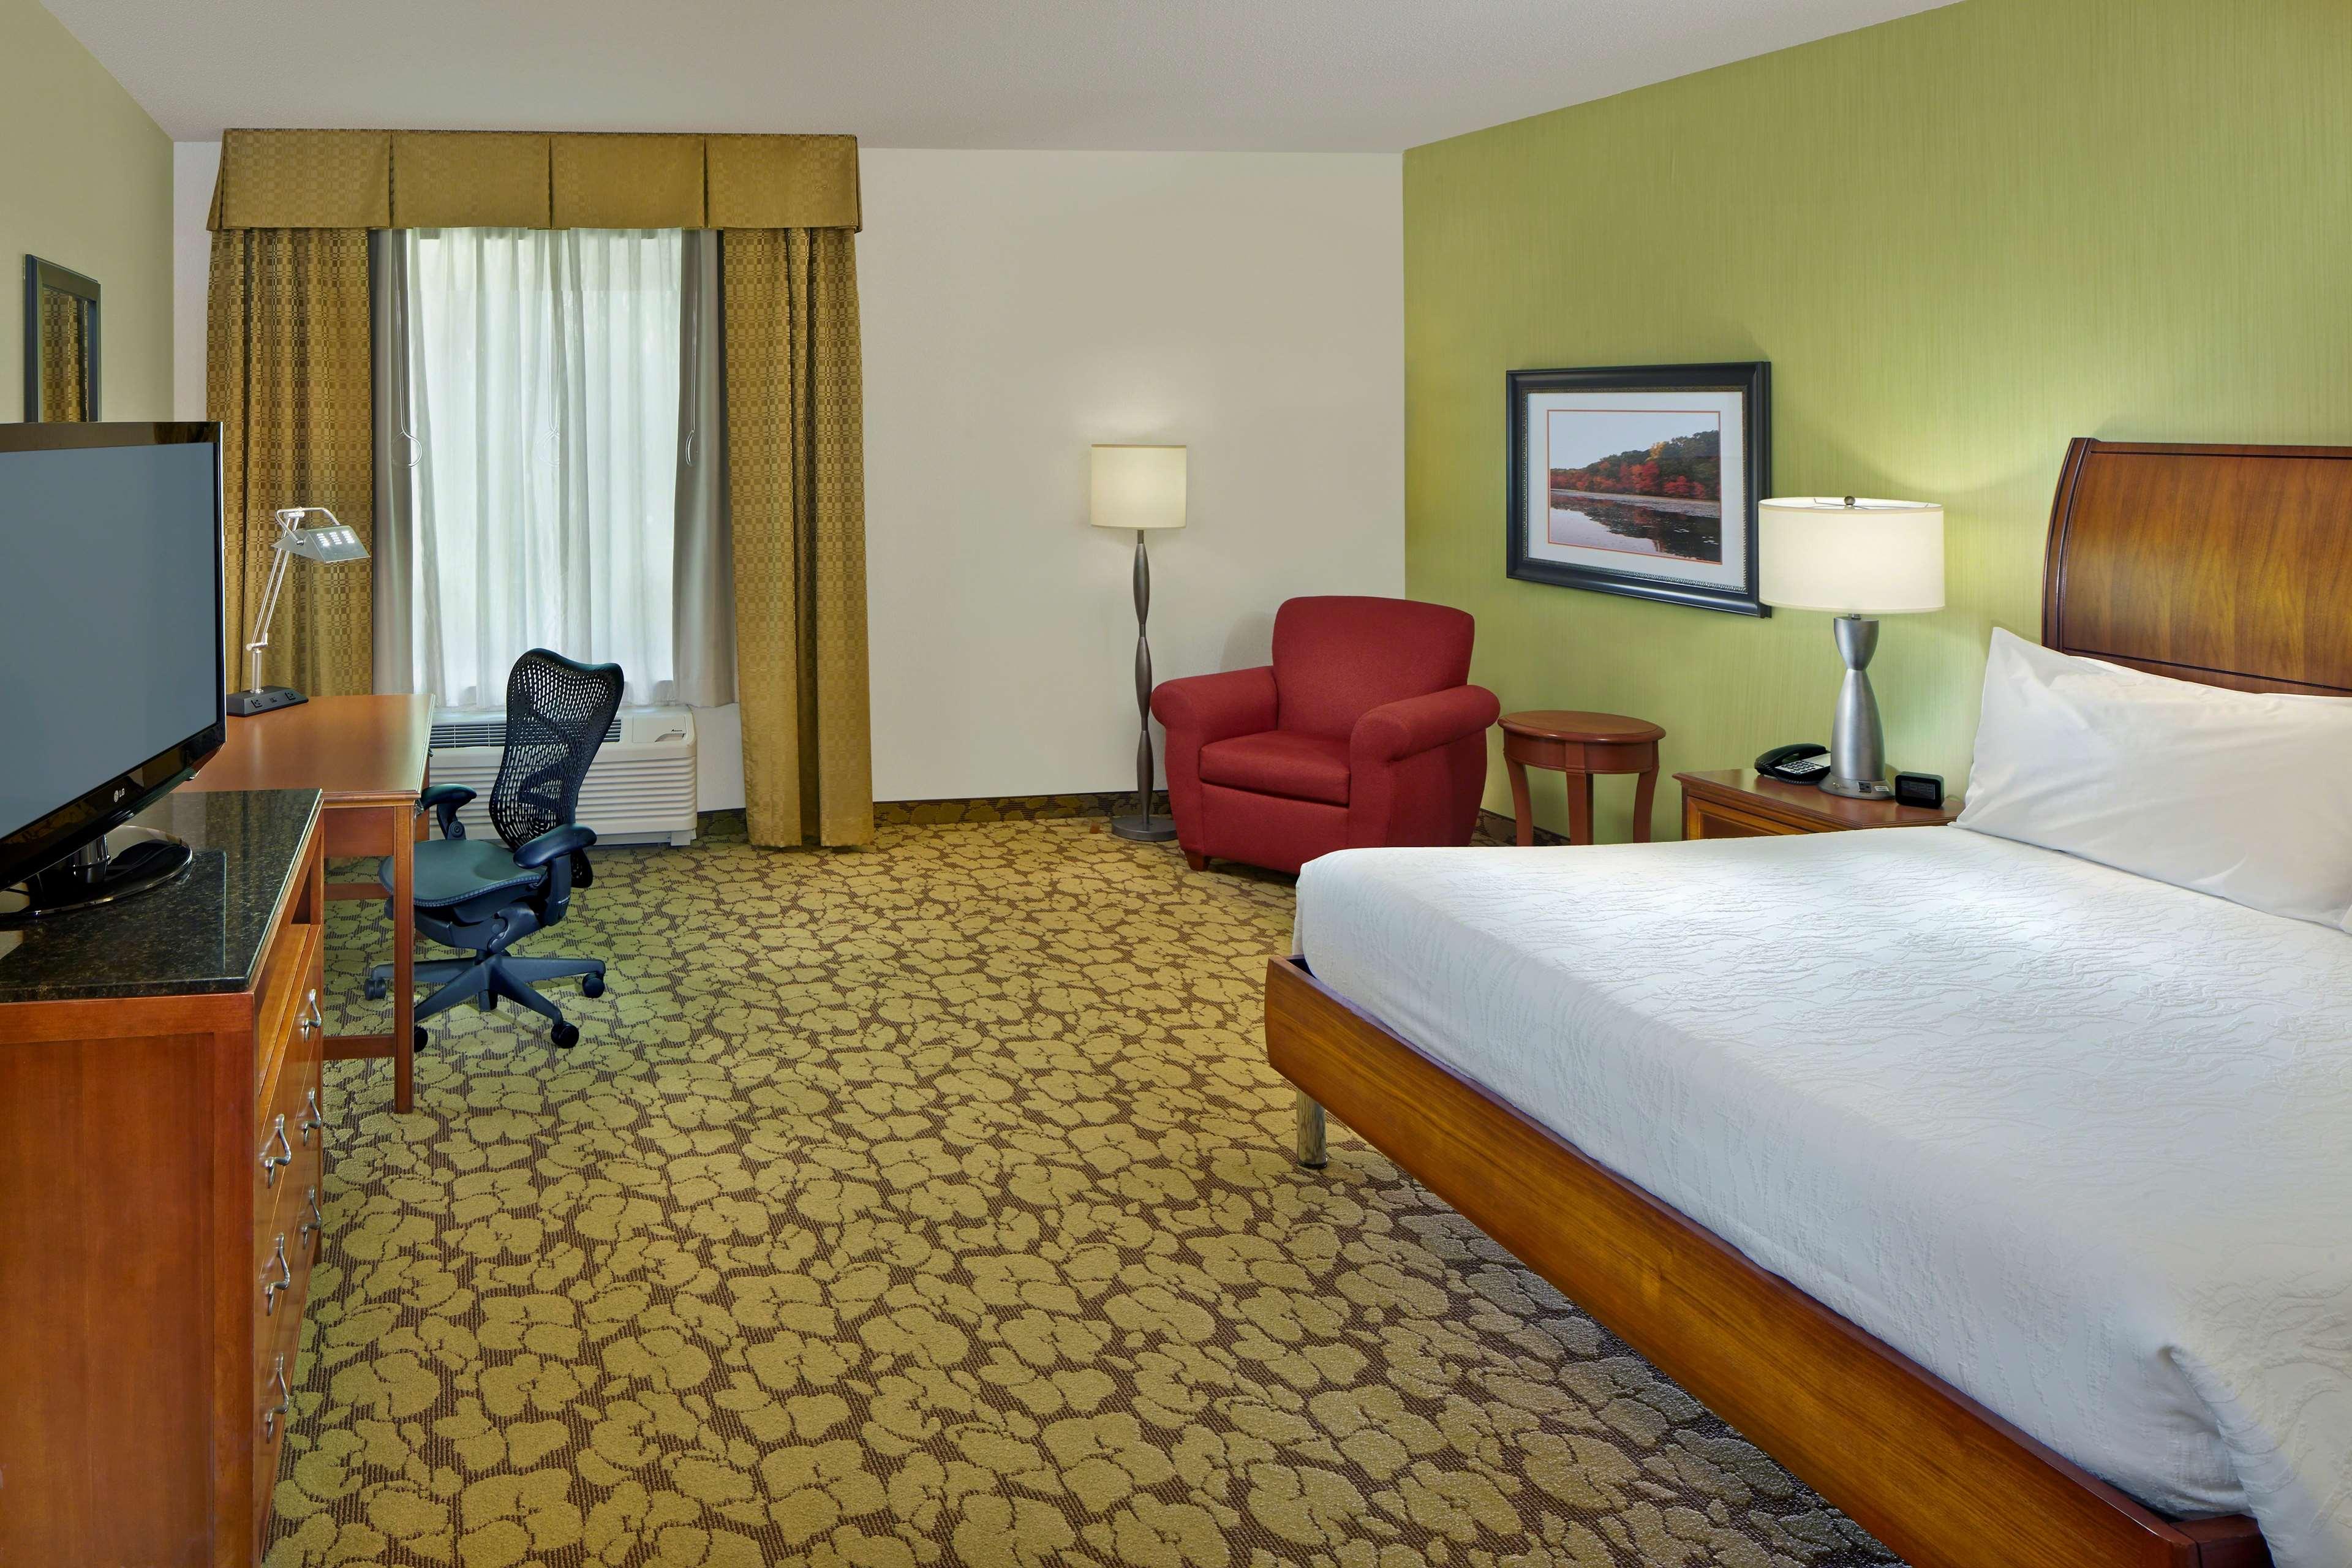 Hilton Garden Inn Danbury image 24